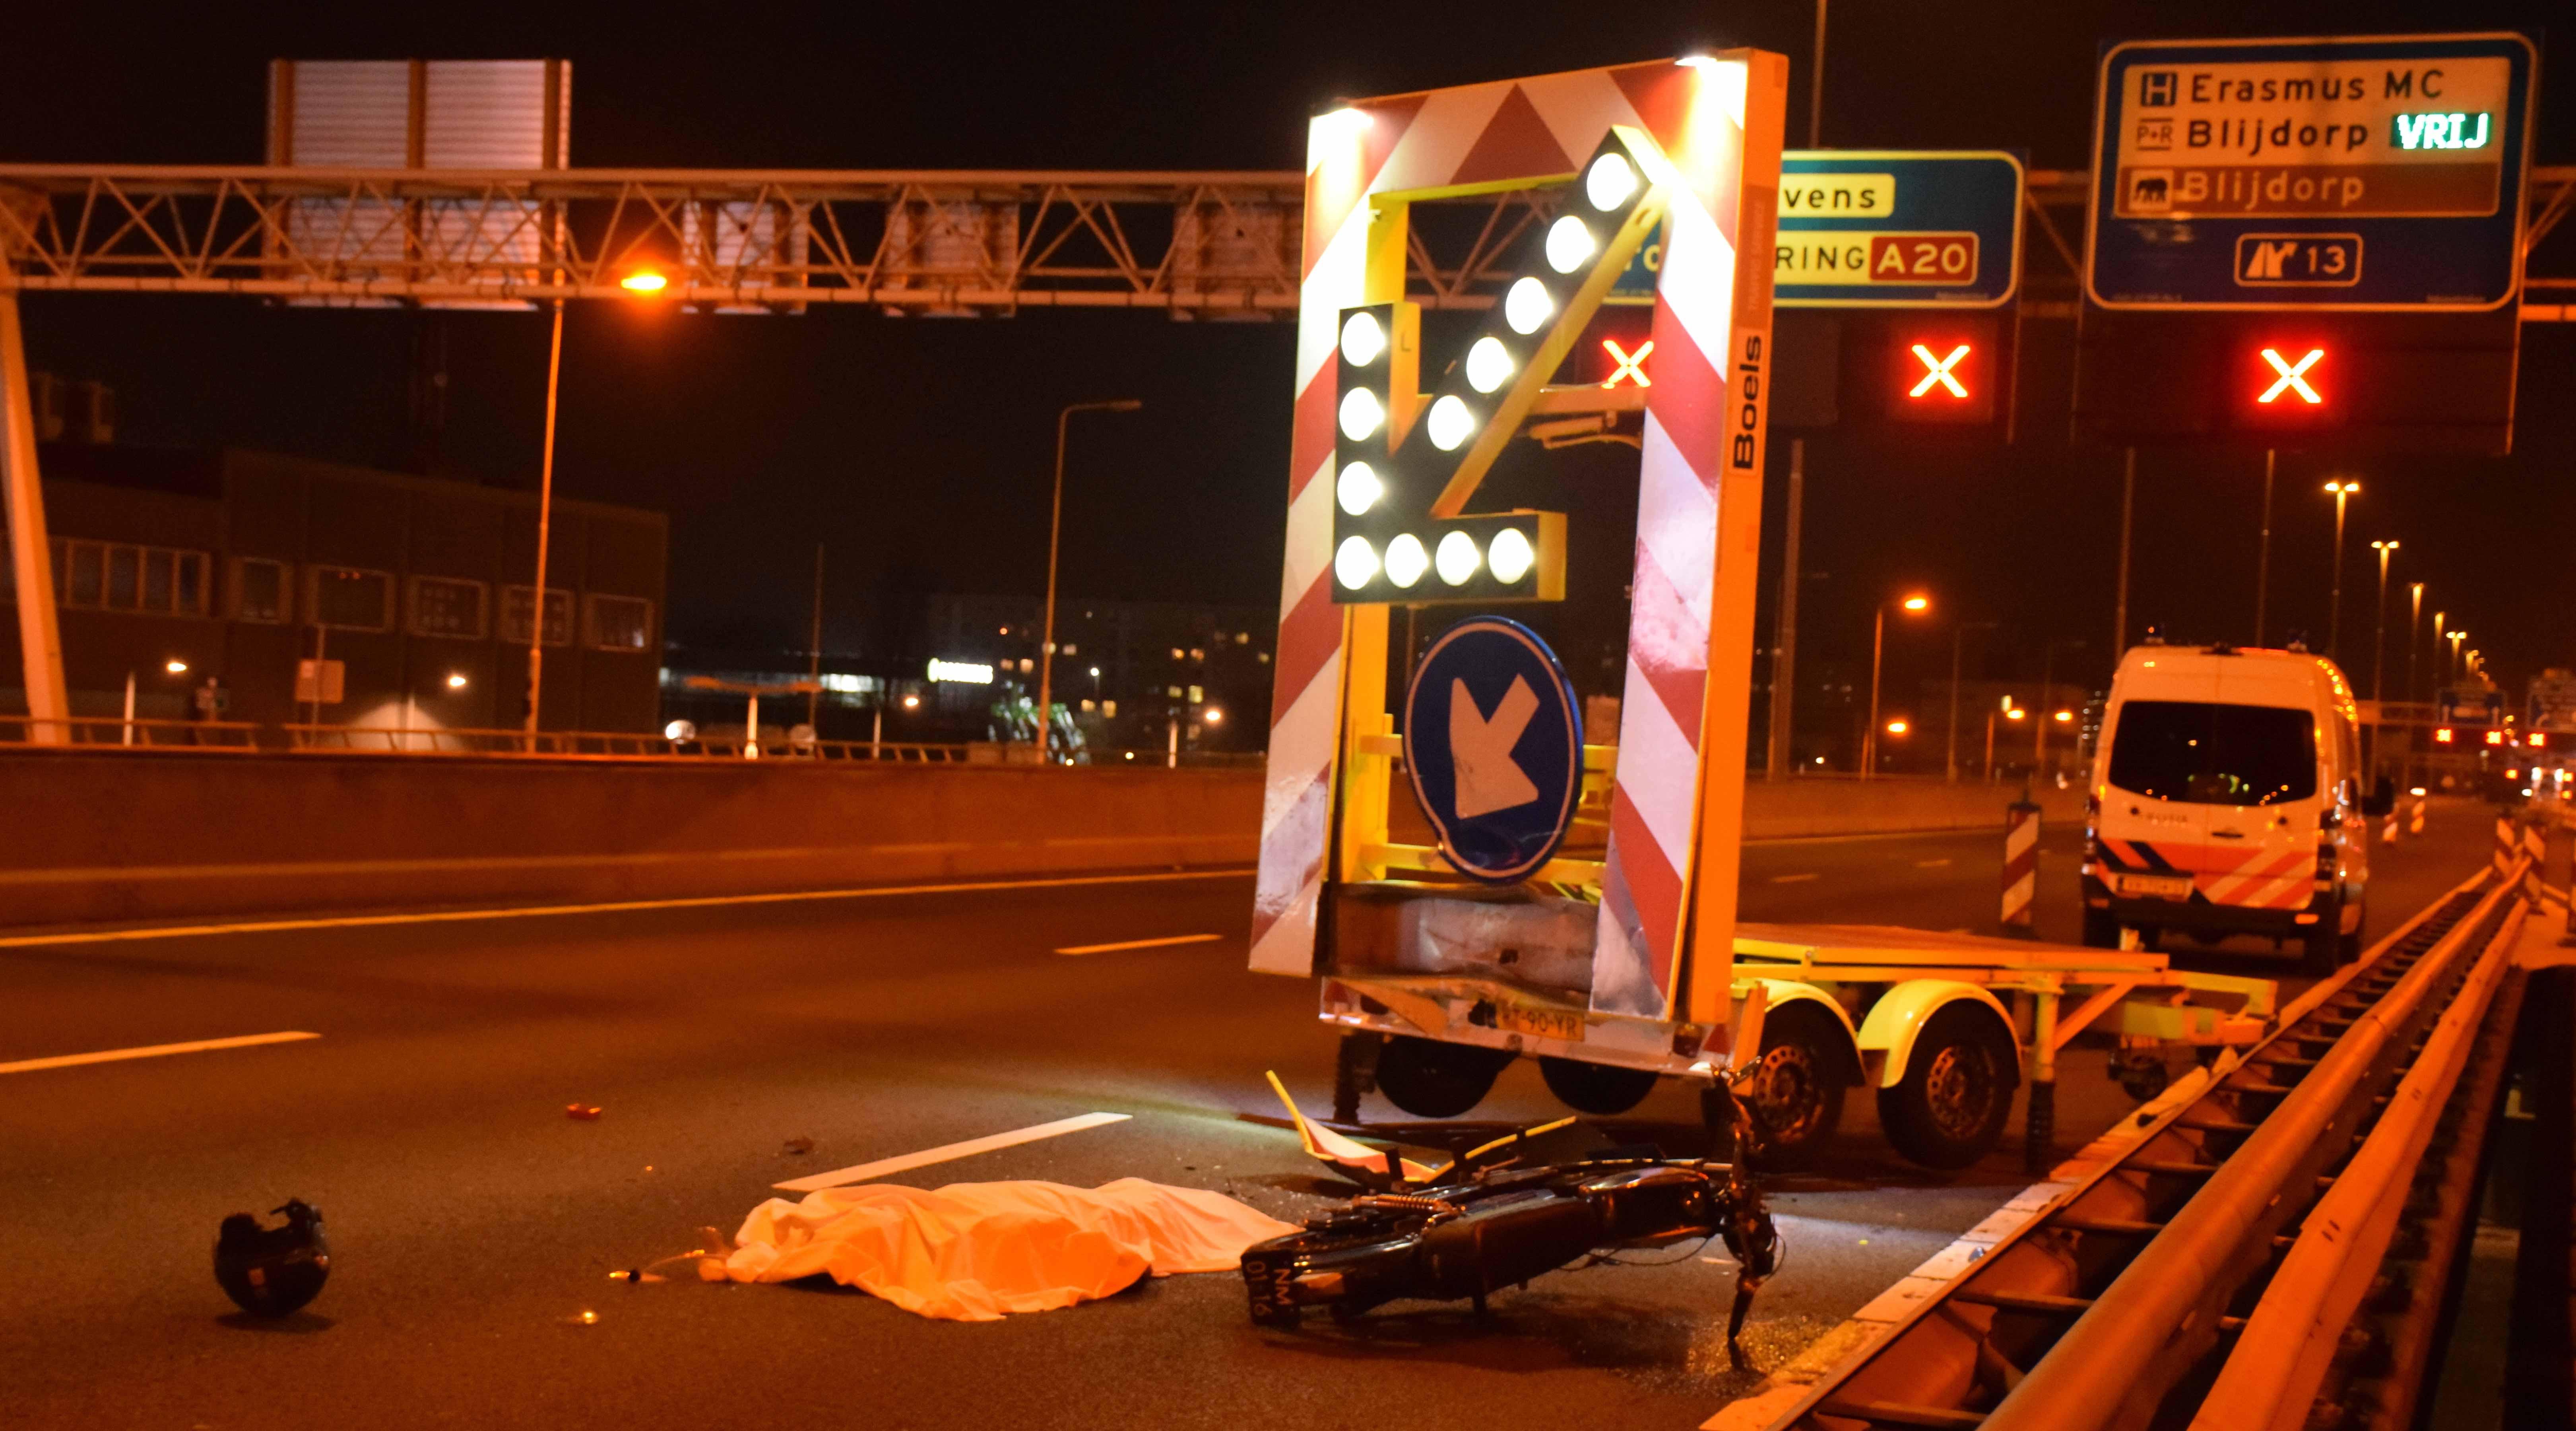 Motorrijder overleden na ongeluk op A20 bij Rotterdam